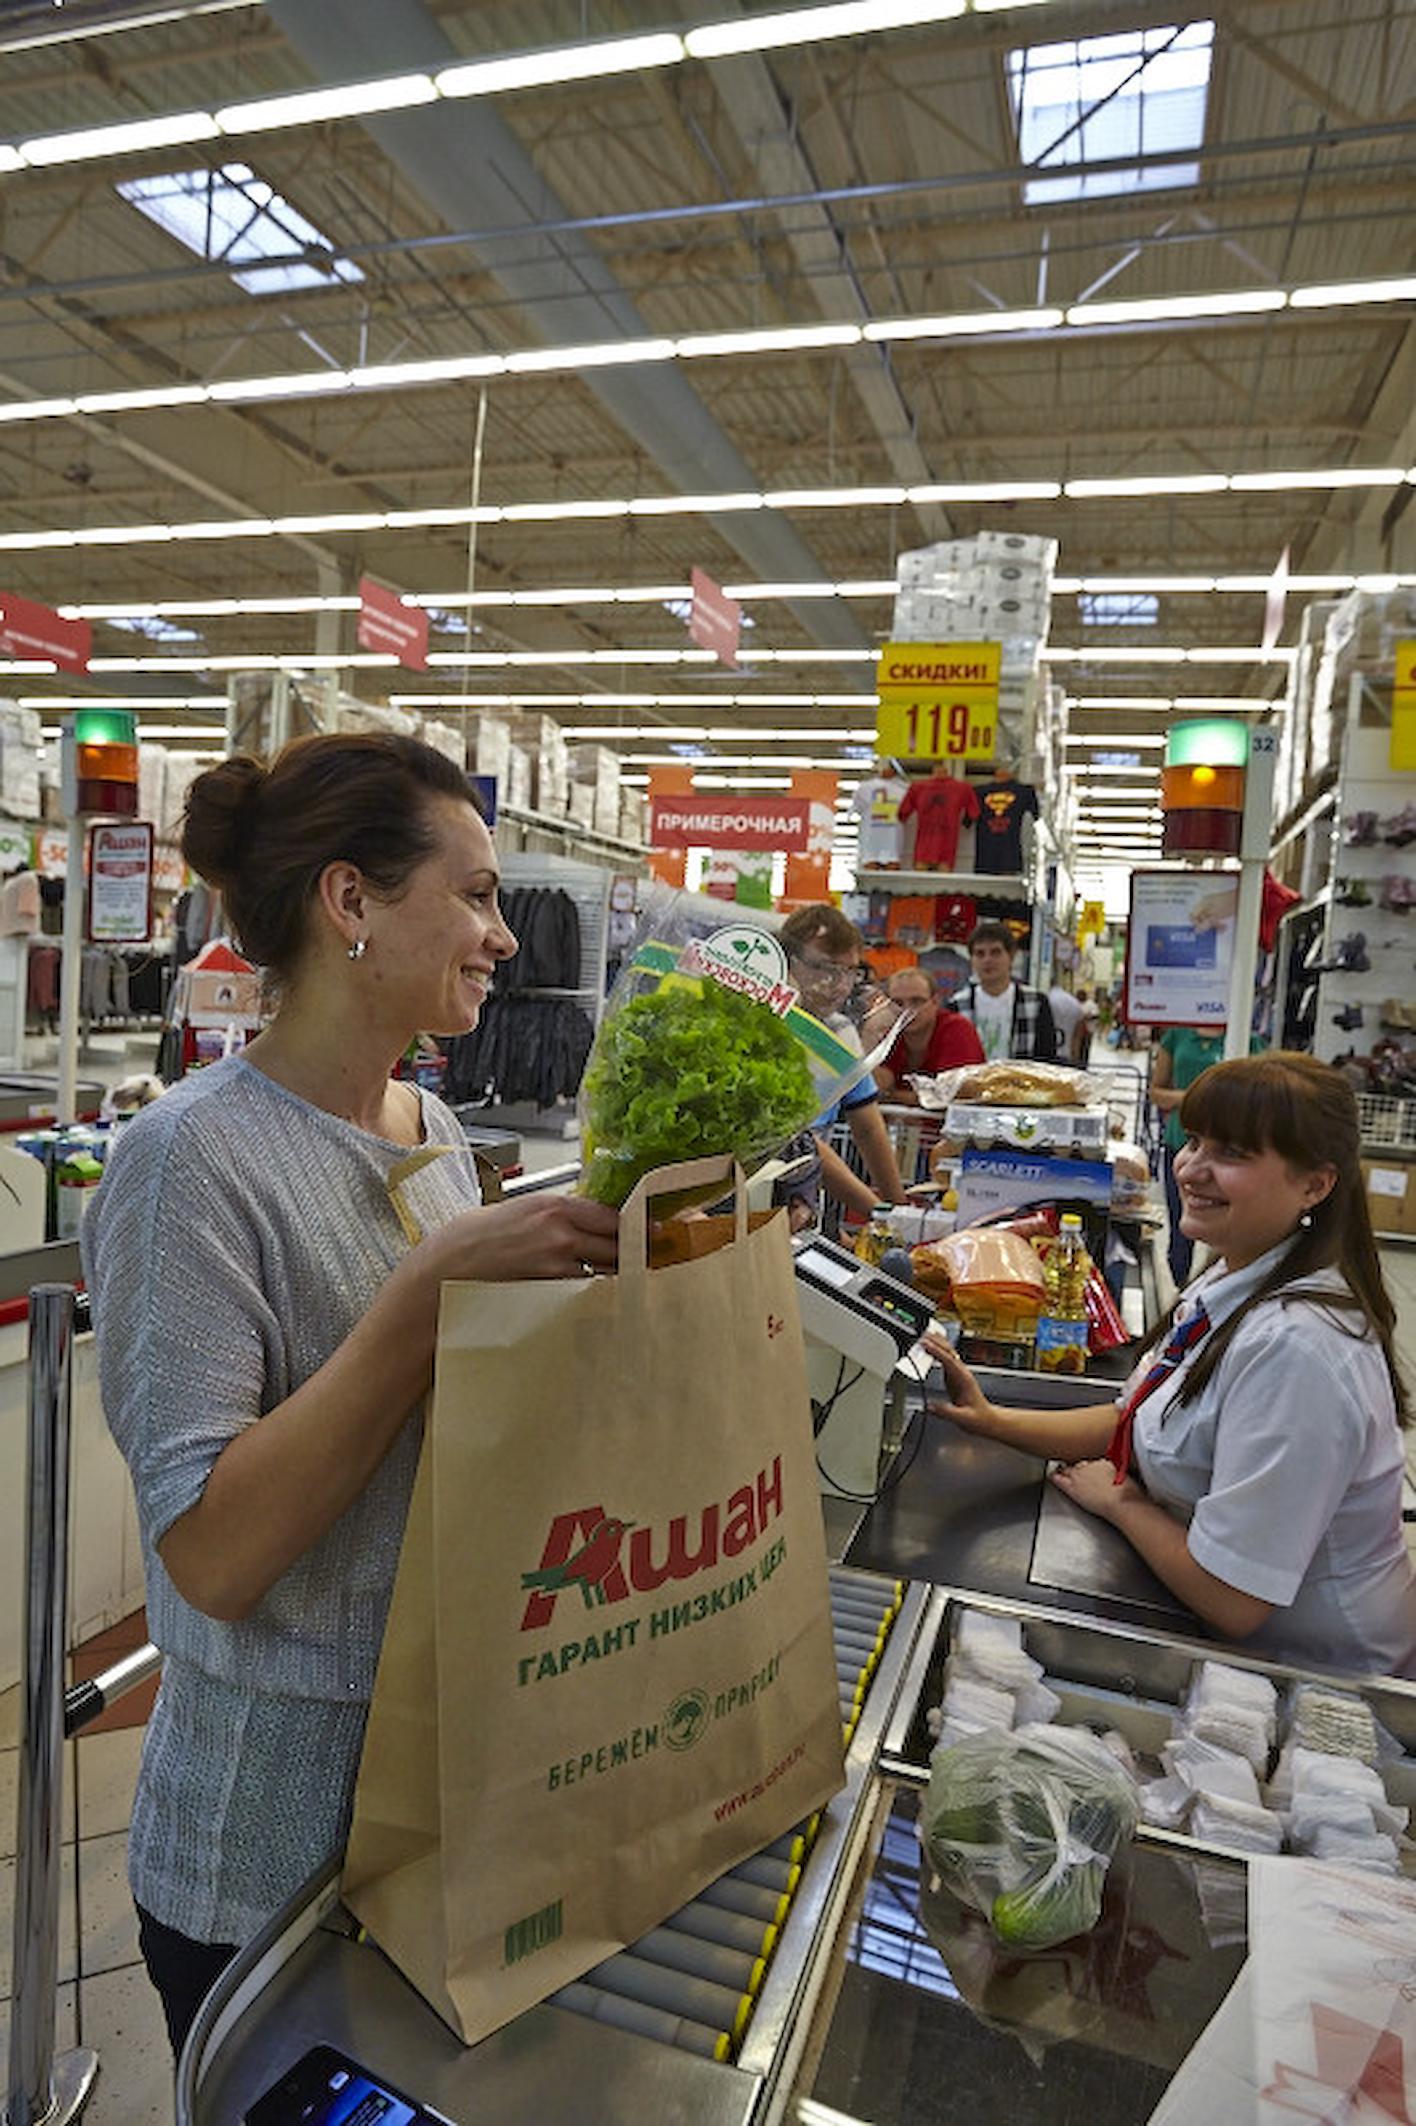 Voyage de presse Auchan Retail Russie.